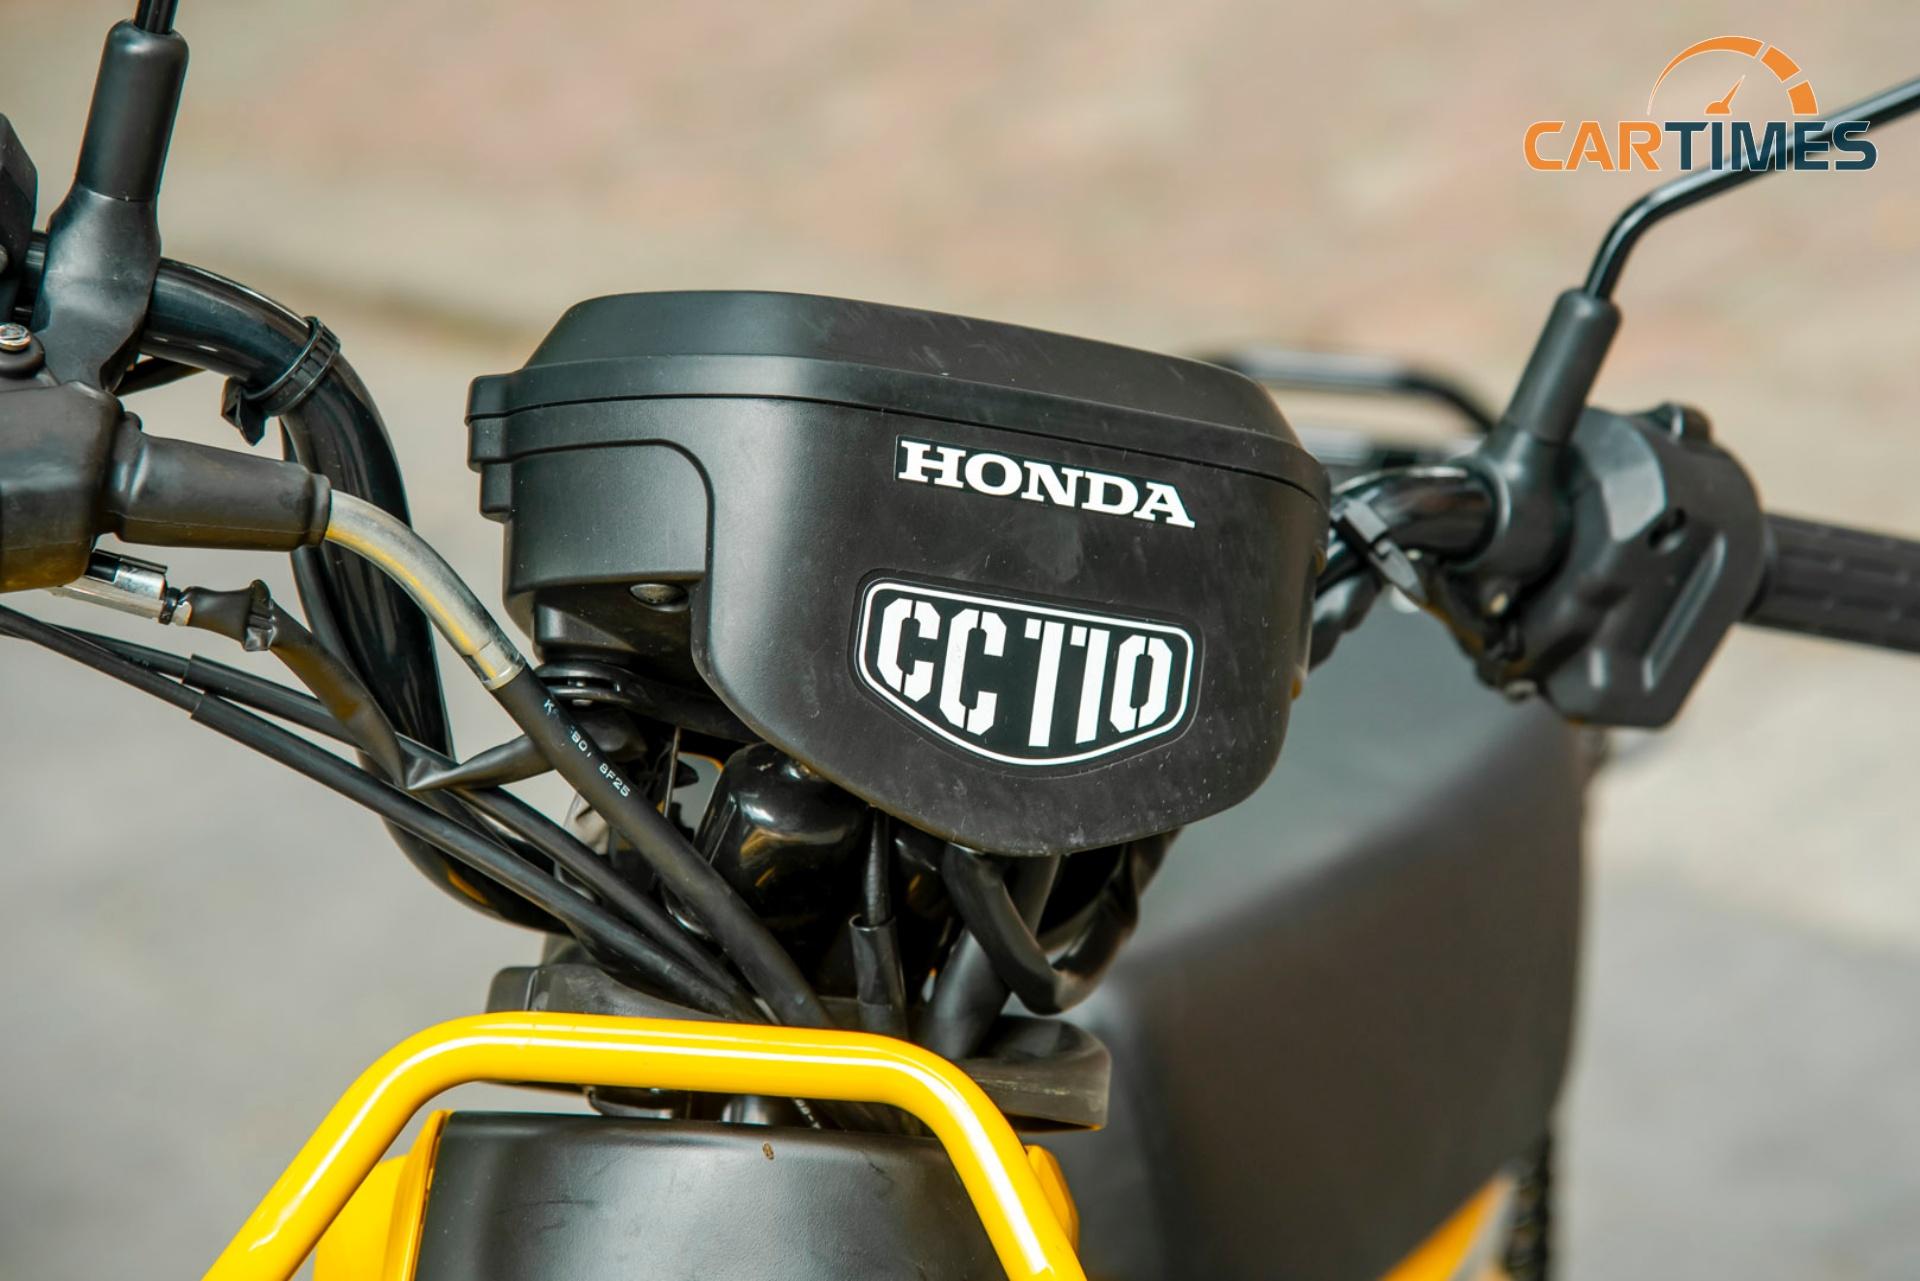 Phần đầu xe Honda Cross Cub với logo CC110